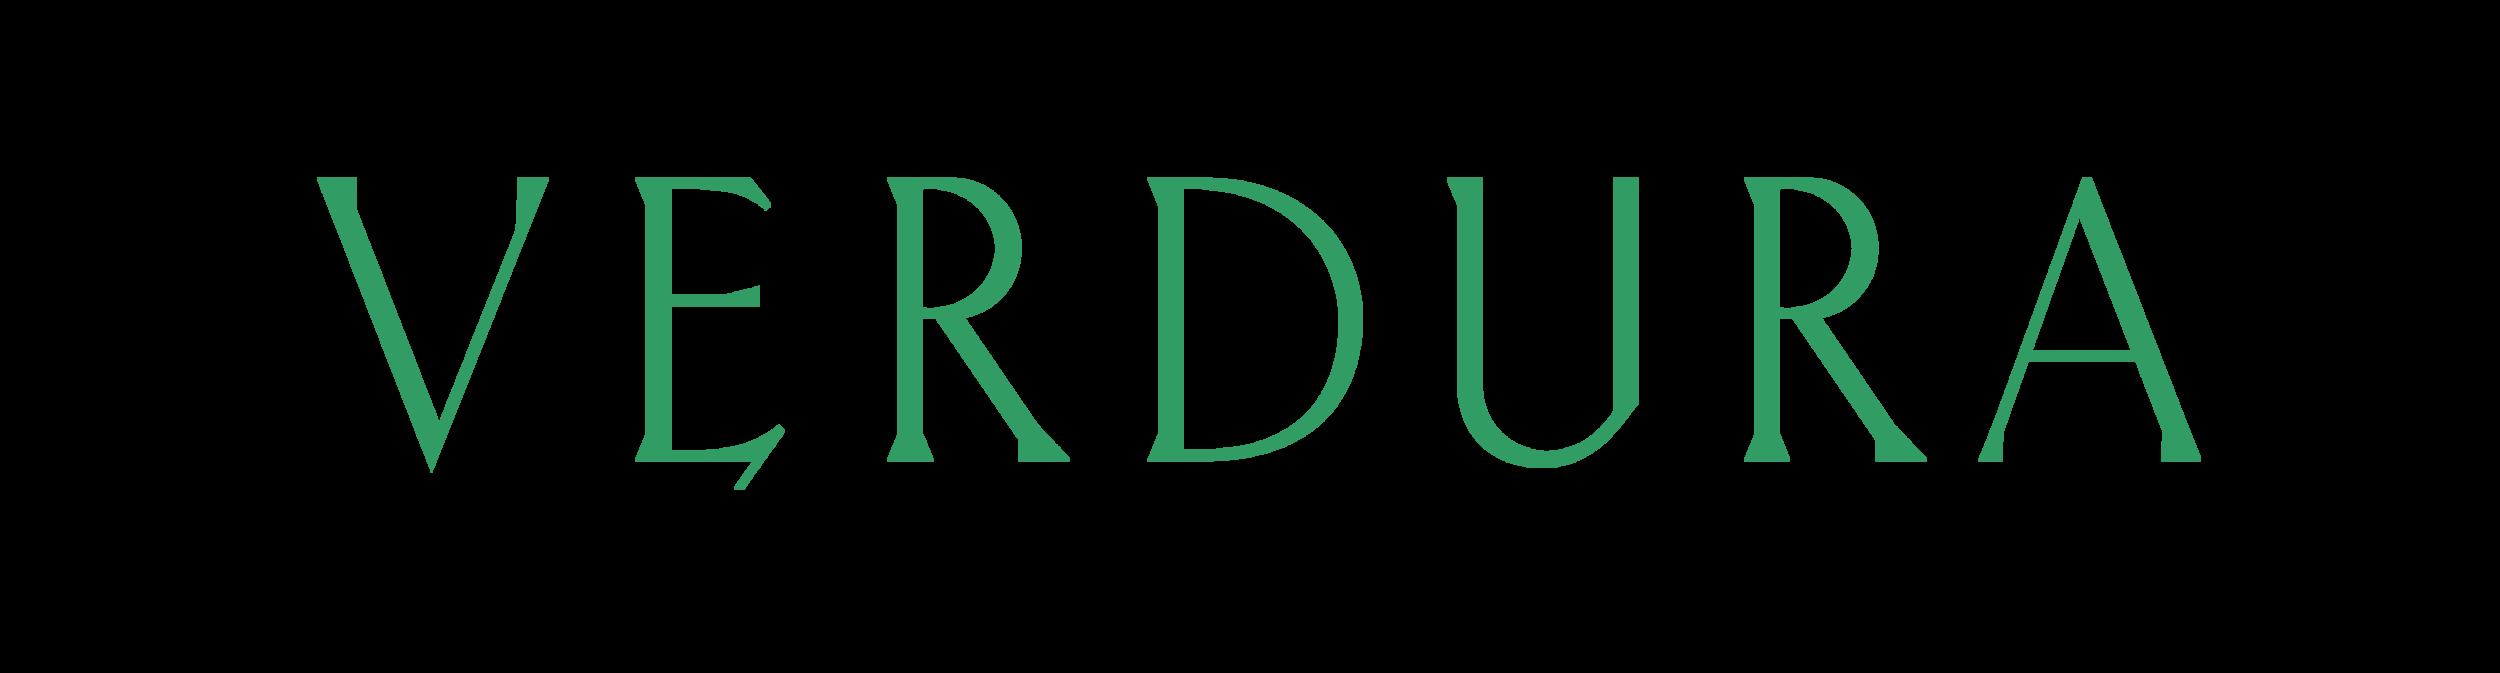 Verdura_logos-03.png